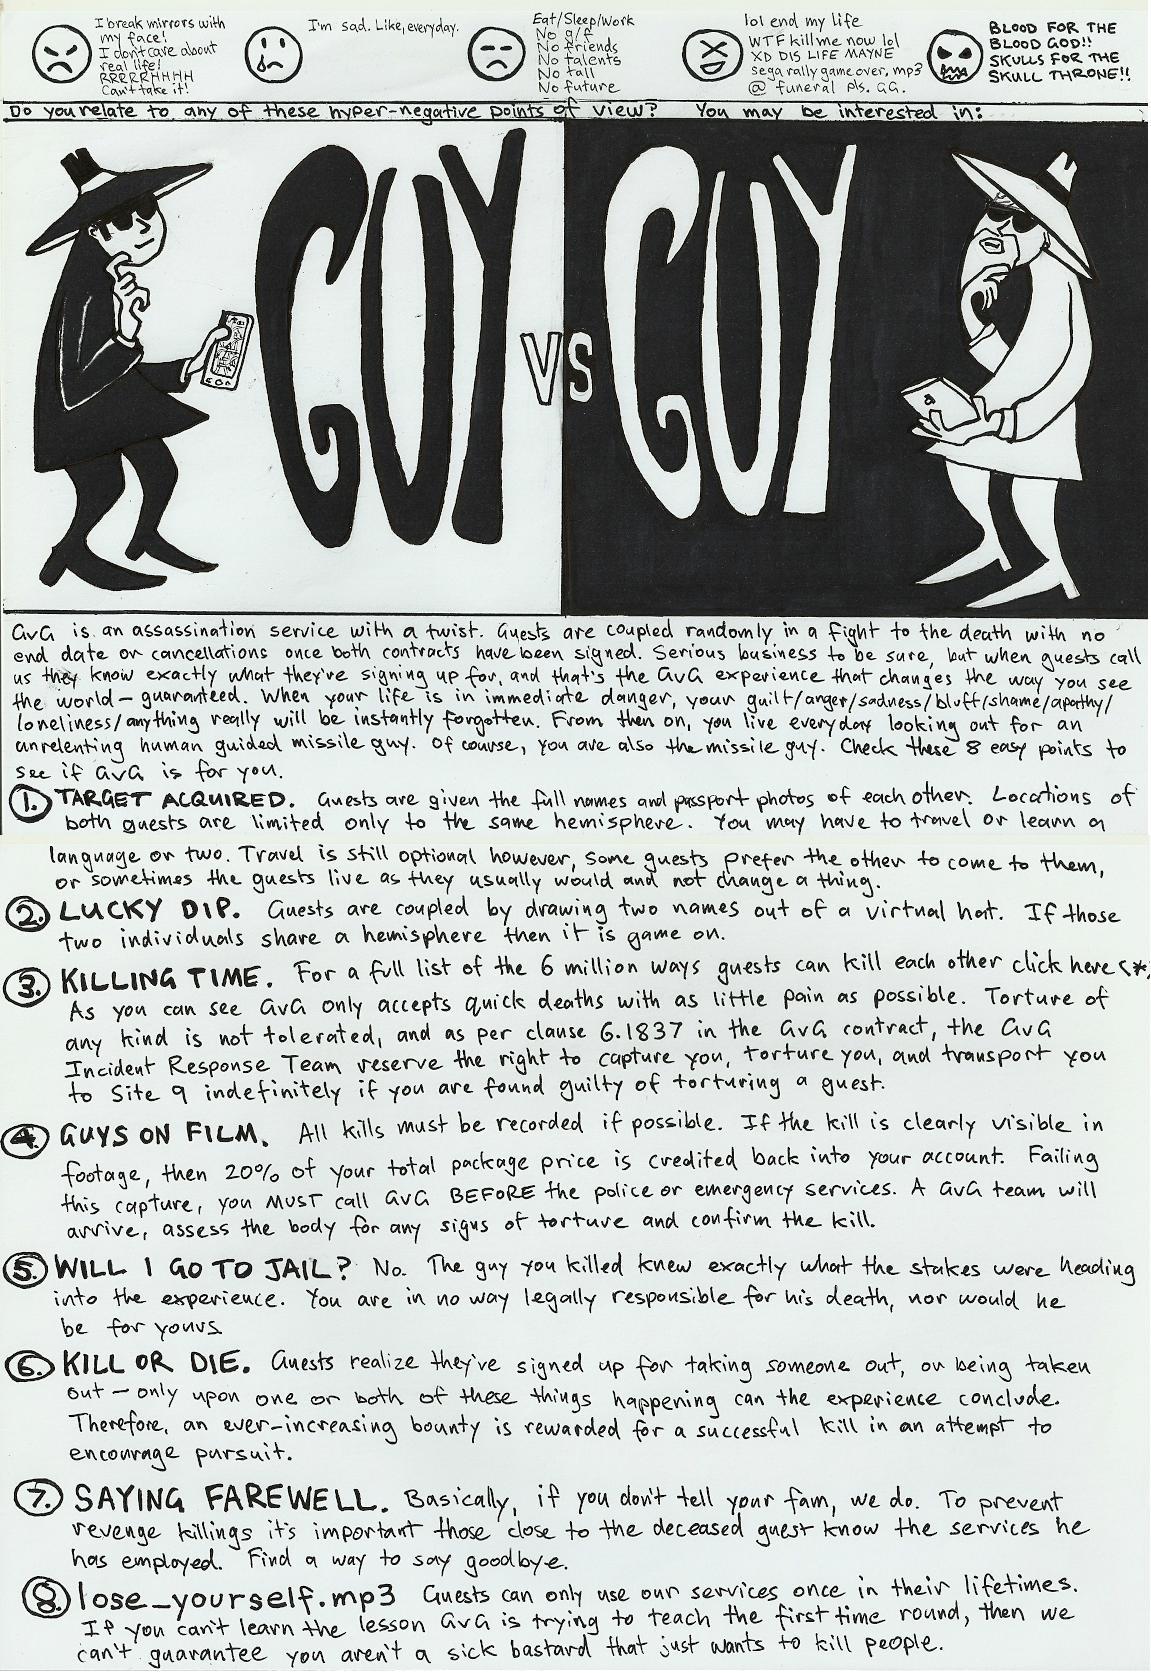 Guy vs Guy